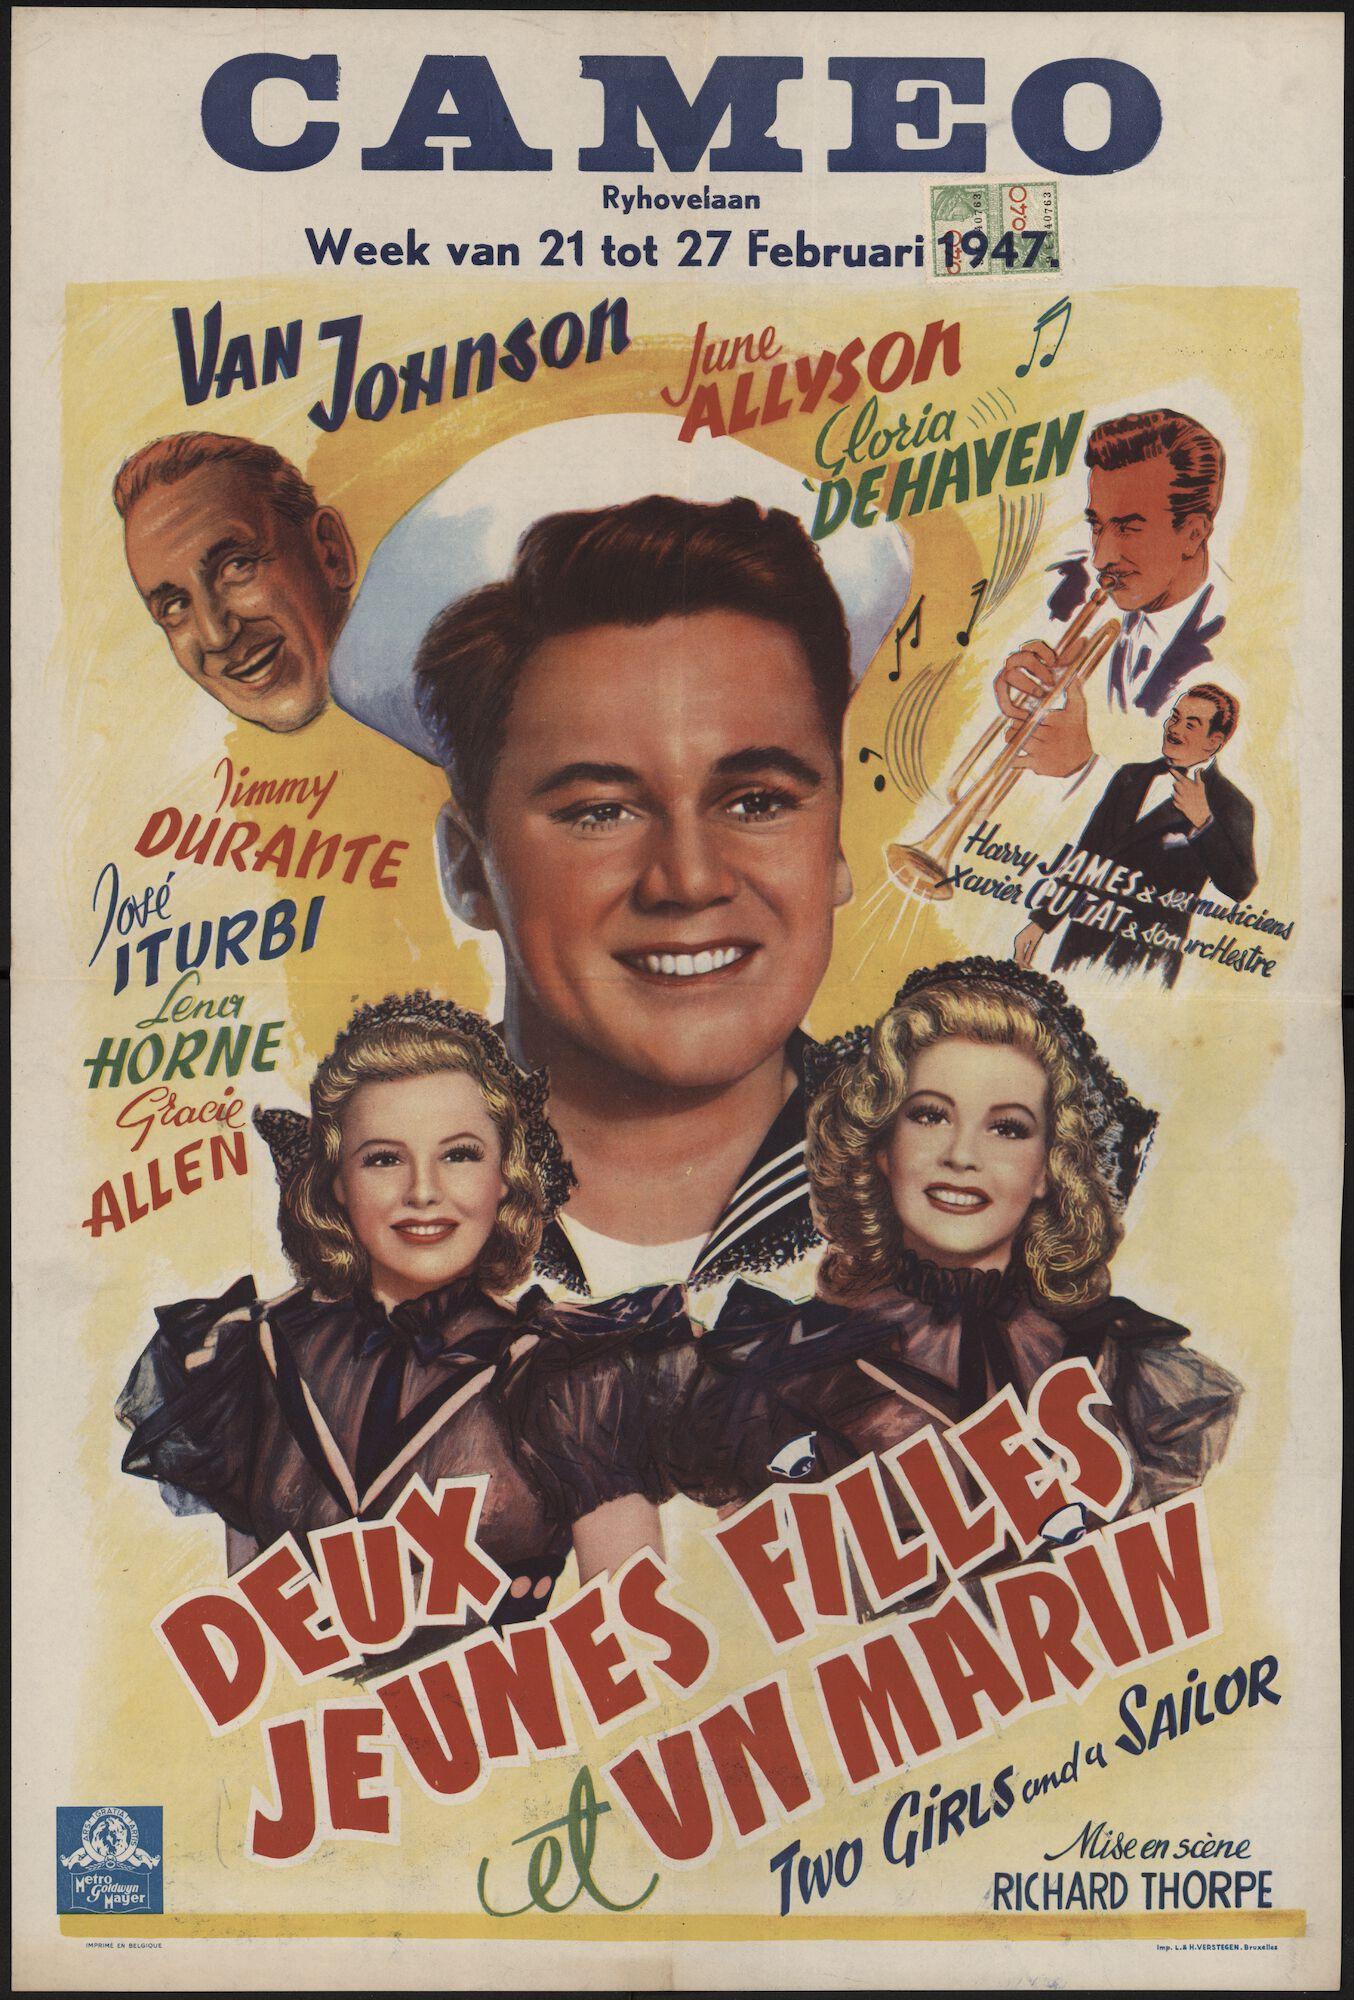 Two Girls and a Sailor | Deux jeunes filles et un marin, Cameo, Gent, 21 - 27 februari 1947